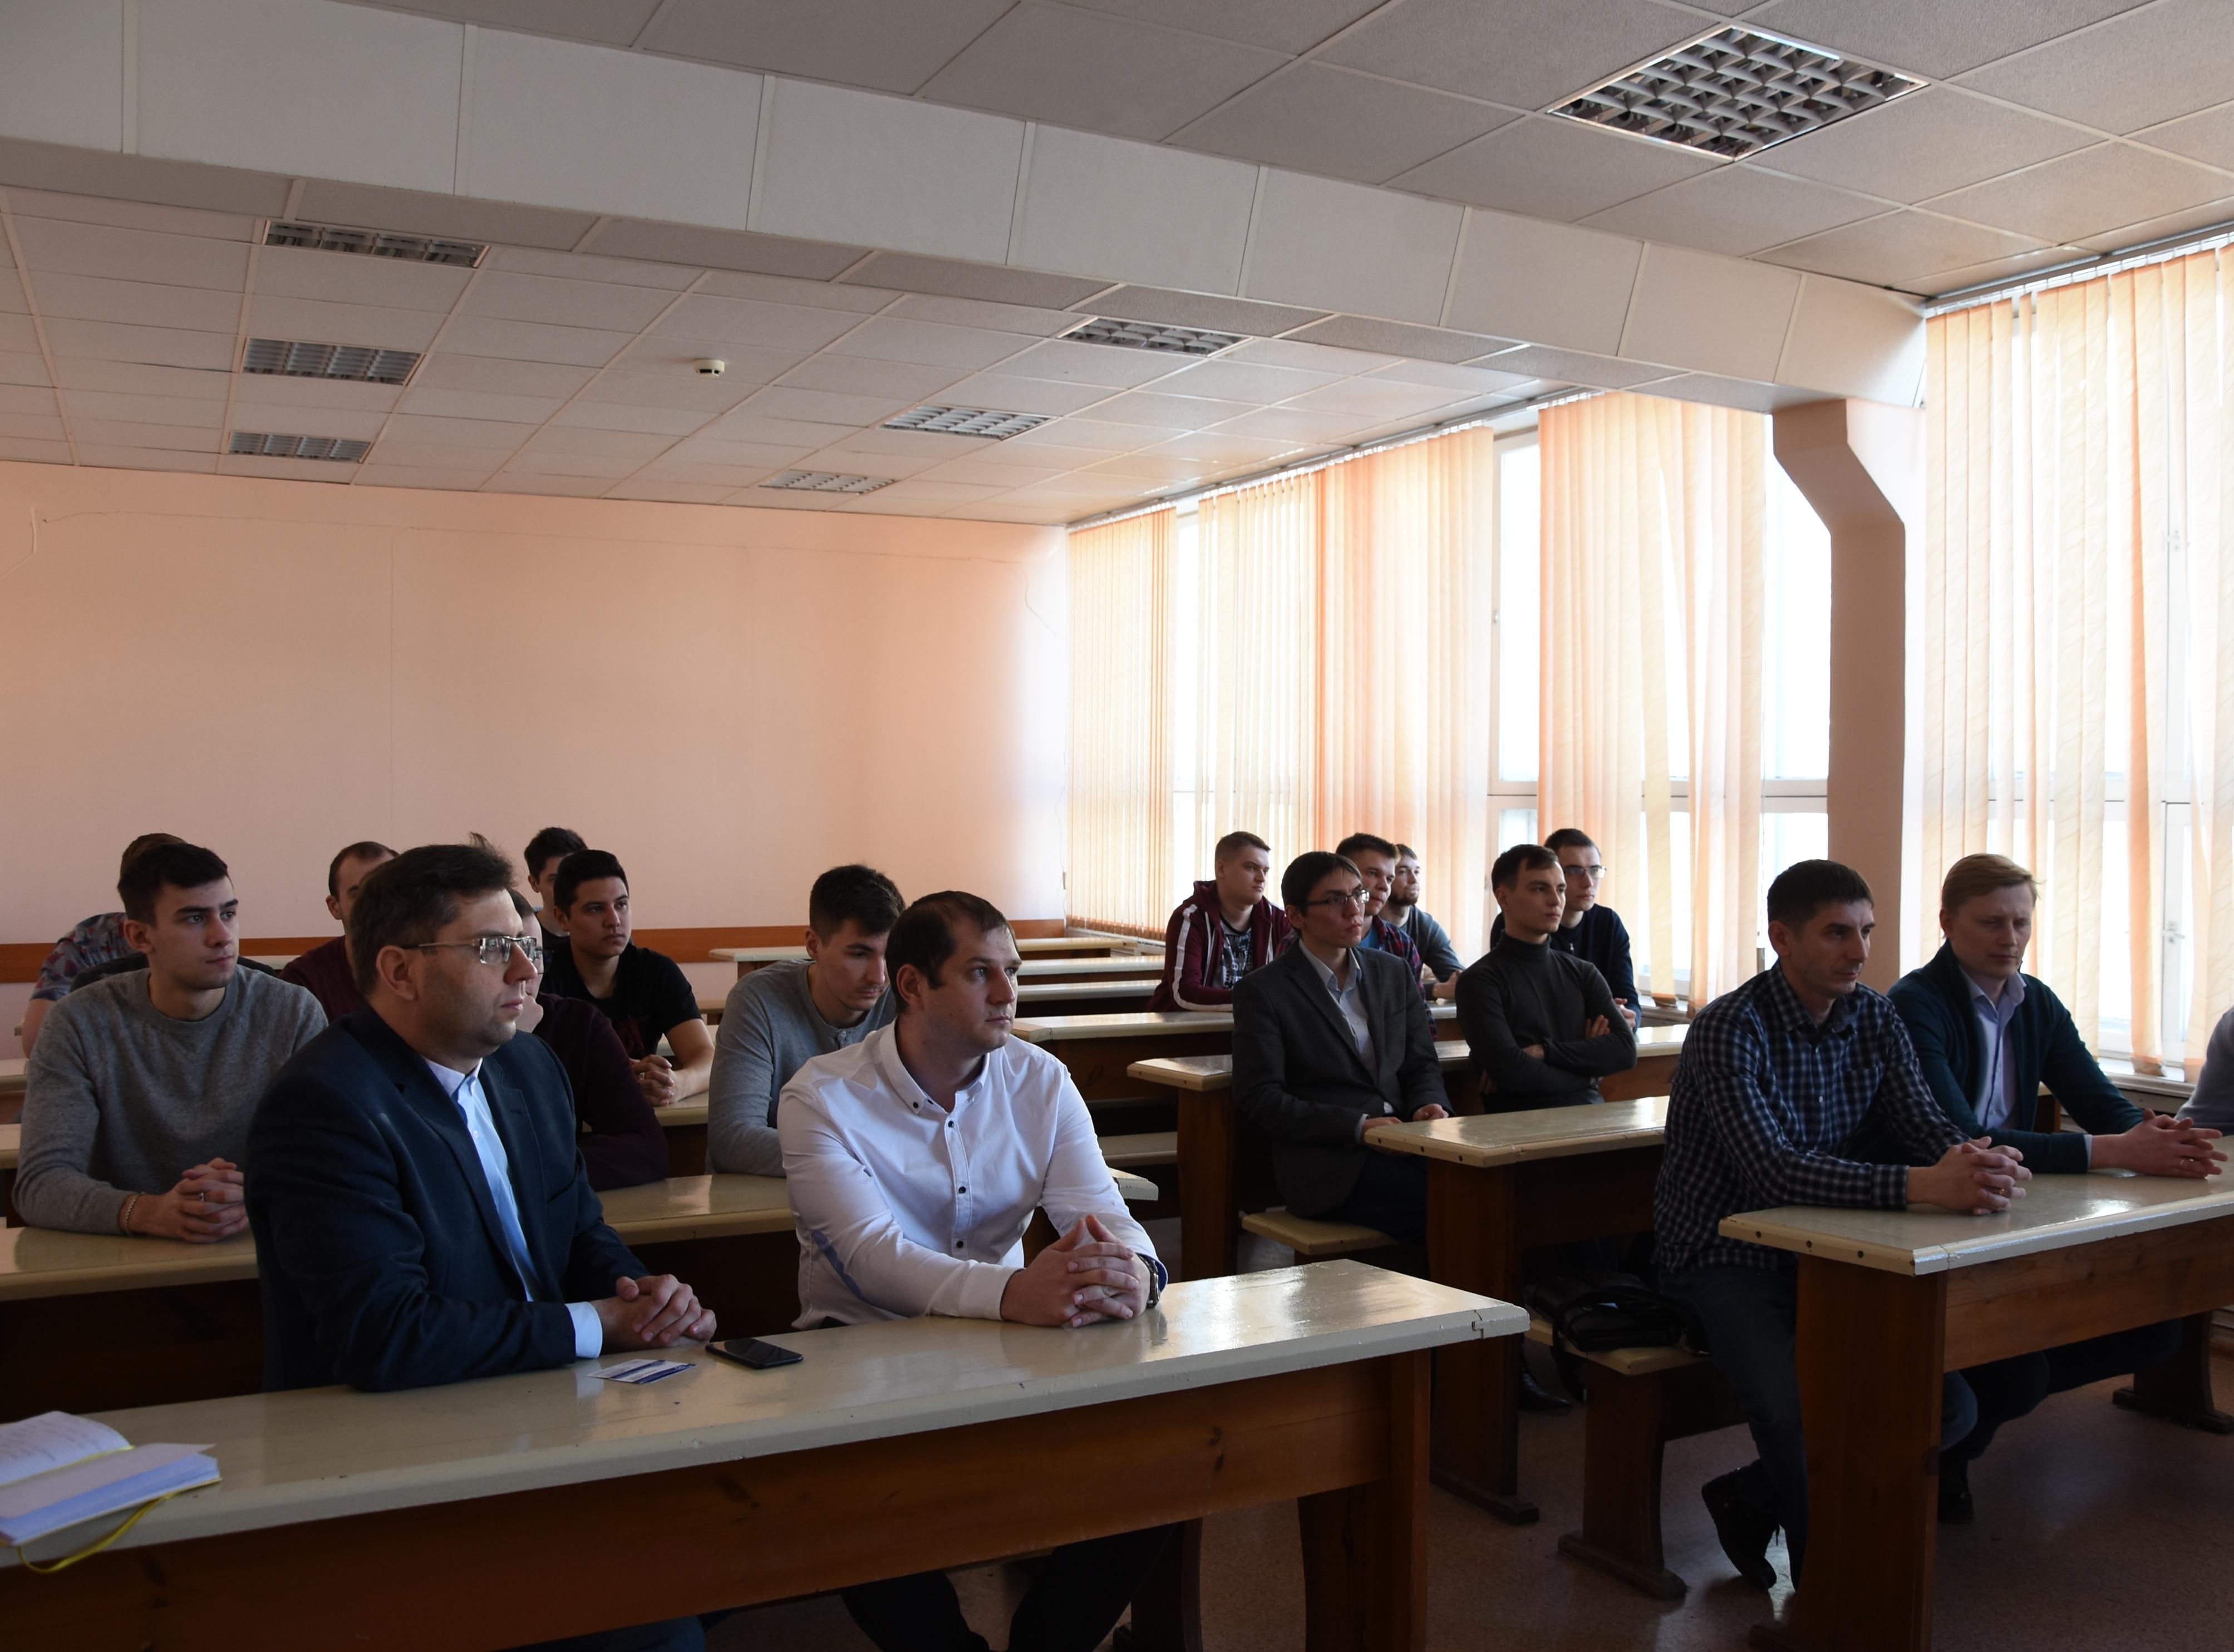 Выпускников АлтГТУ готов трудоустроить один из крупнейших машиностроительных заводов России